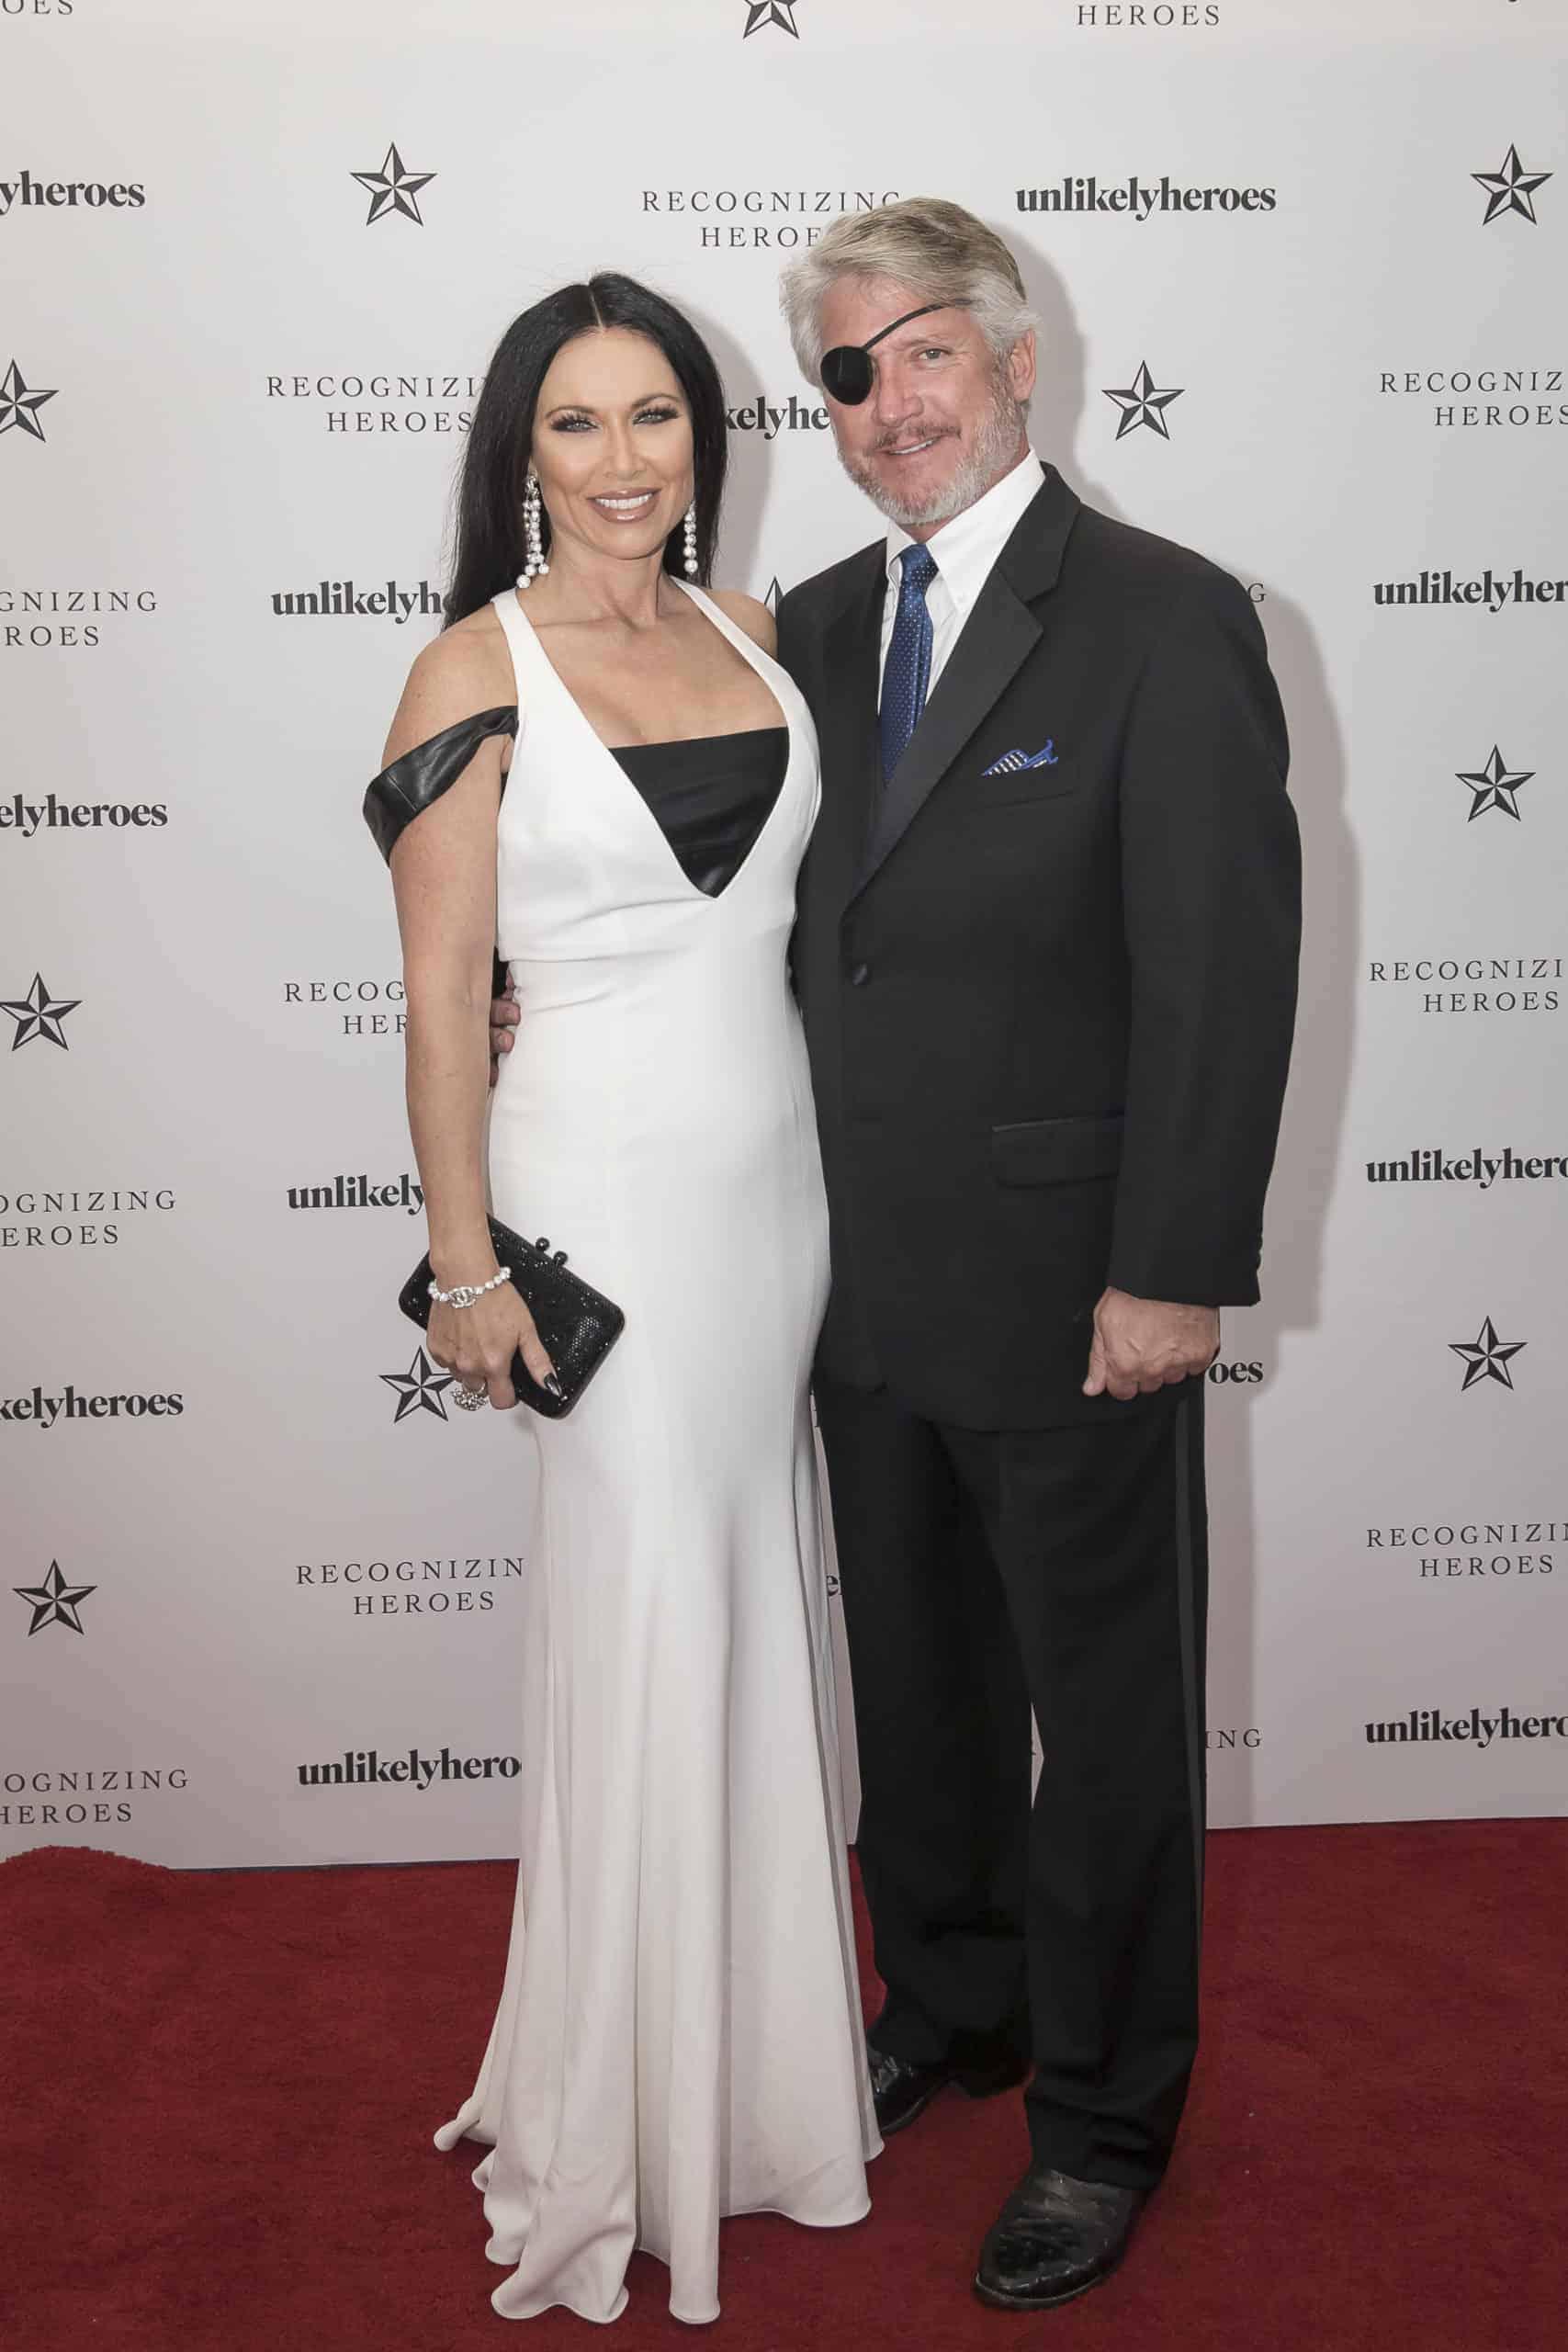 LeeAnne Locken and Rich Emberlin